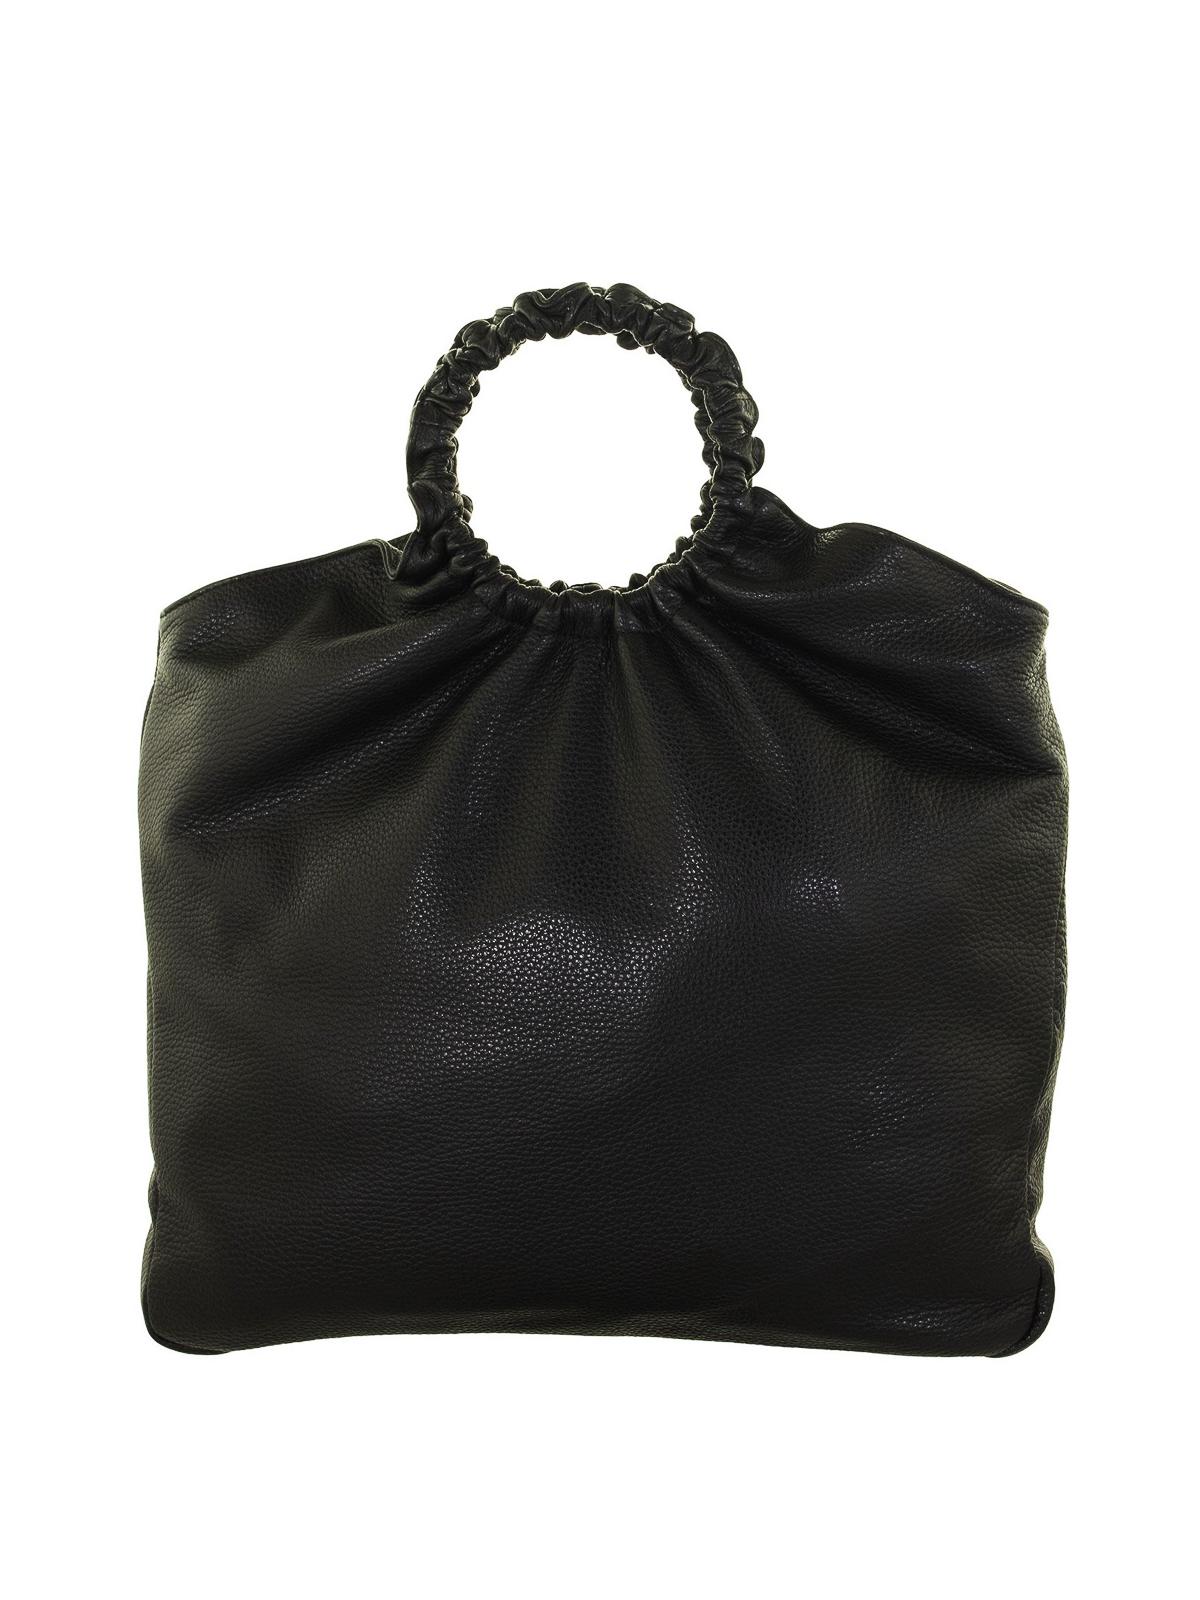 Fabiana Filippi Ring Shape Handle Leather Shoulder Bag In Black